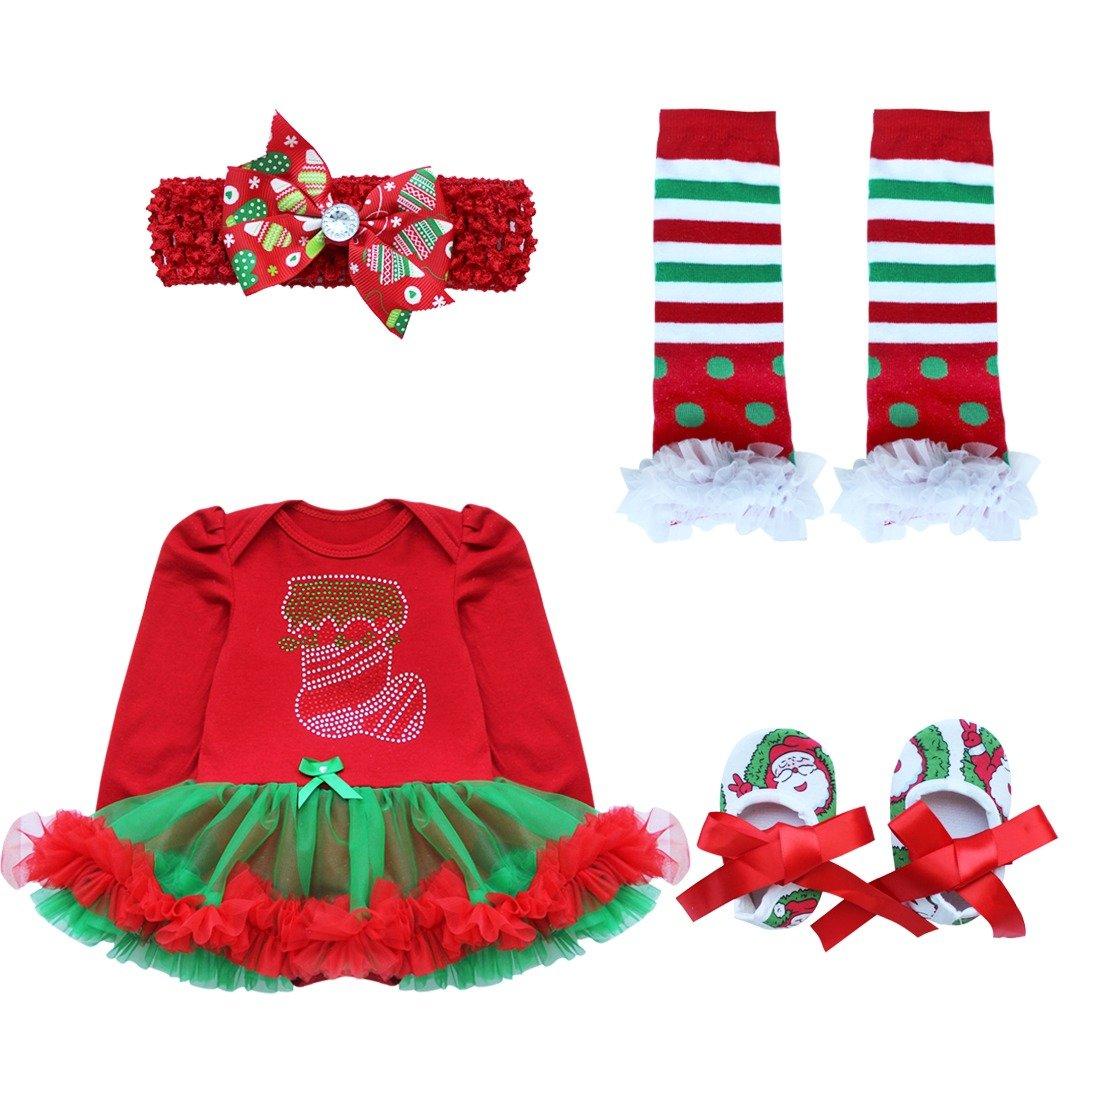 IEFIEL Déguisement Noël Ensembles Bébé Fille (Barboteuse + Bandeaux + Jambières + Chaussures) Vêtements Enfant 0-9 Mois